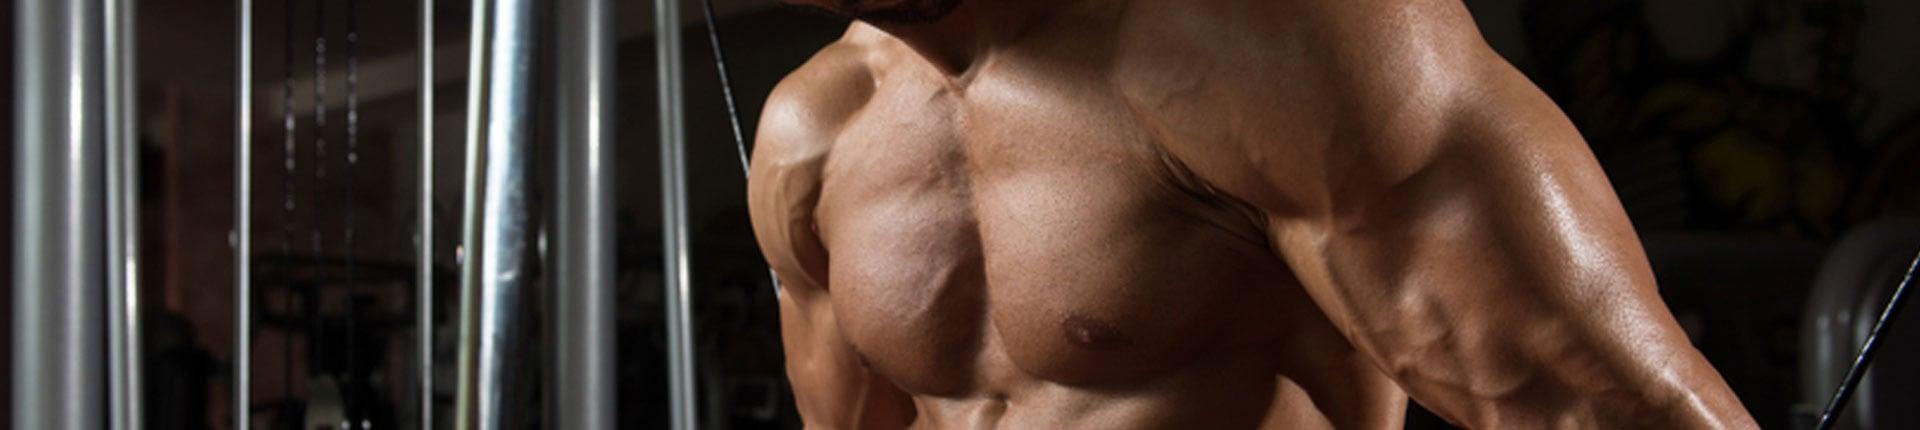 Jak szybko węglowodany docierają do mięśni?